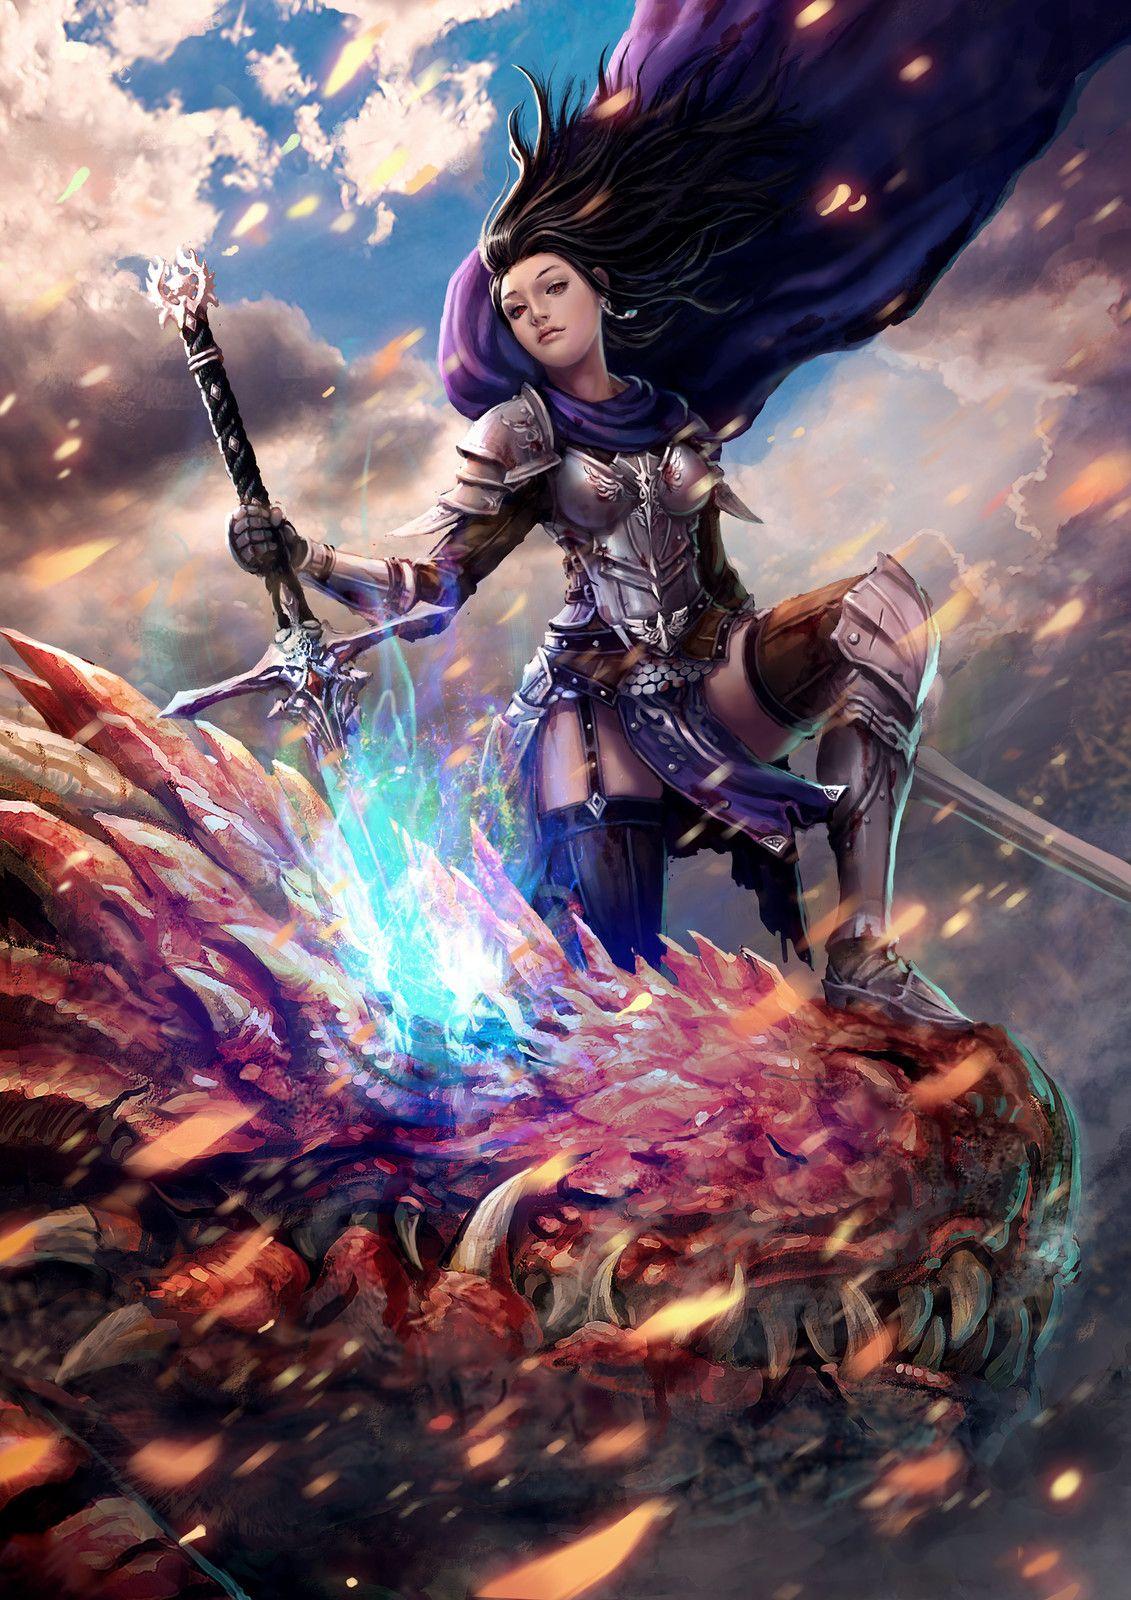 Dragon Slayer | Female warrior art, Fantasy girl, Art